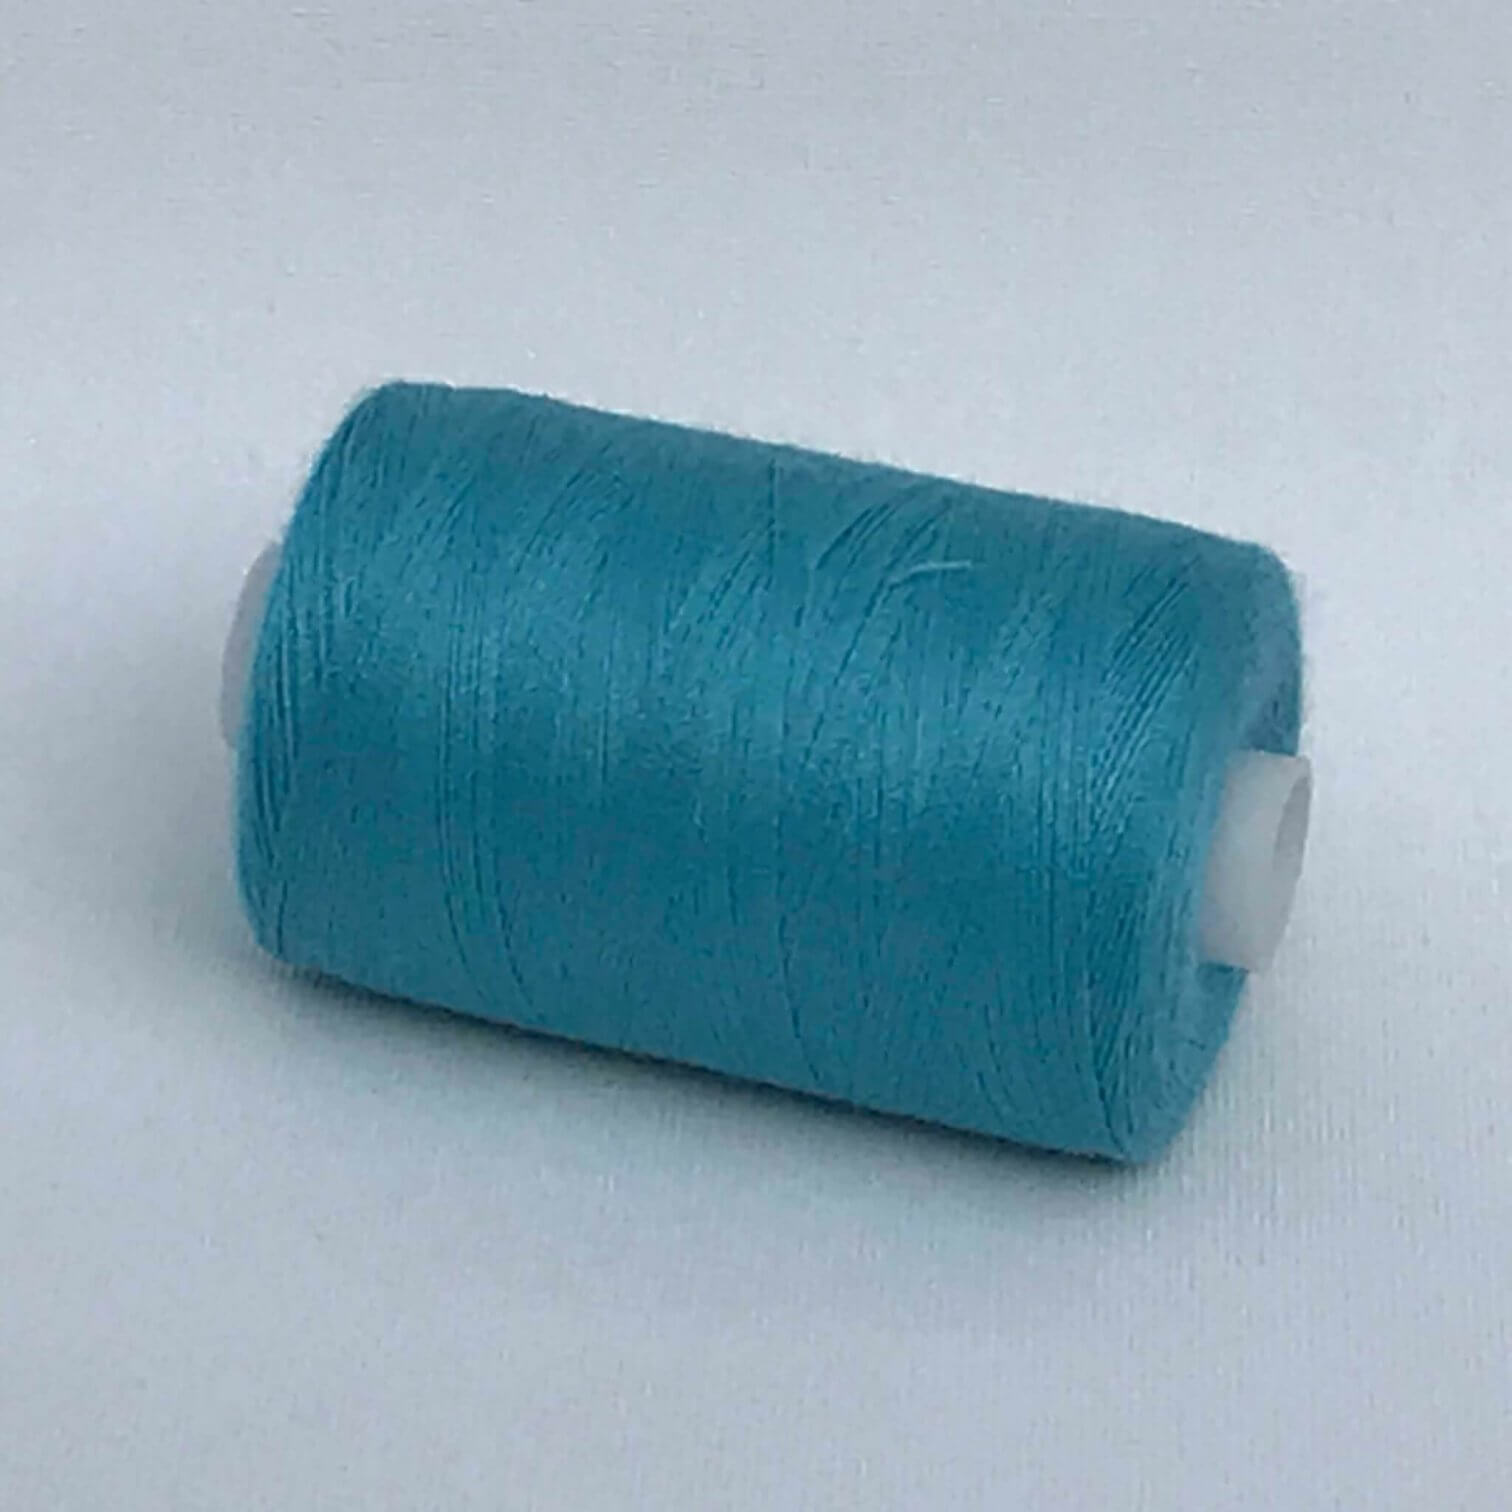 Nähgarn türkis-blau